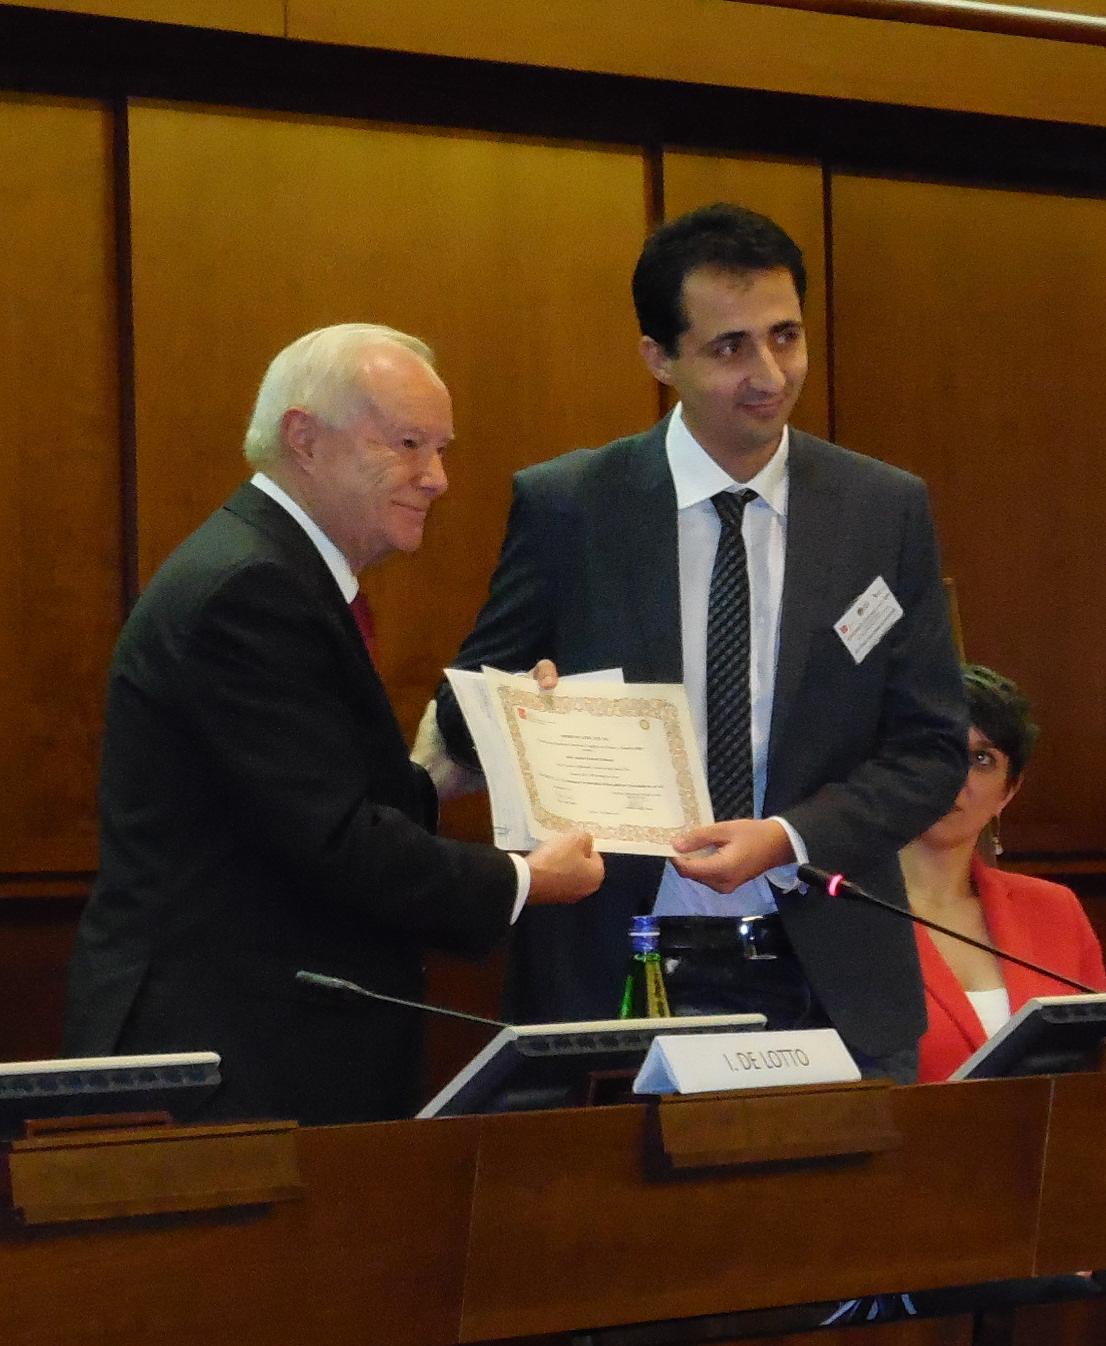 Antonio Giovanni Schiavone durante la premiazione del Premio Etic promosso dall'AICA